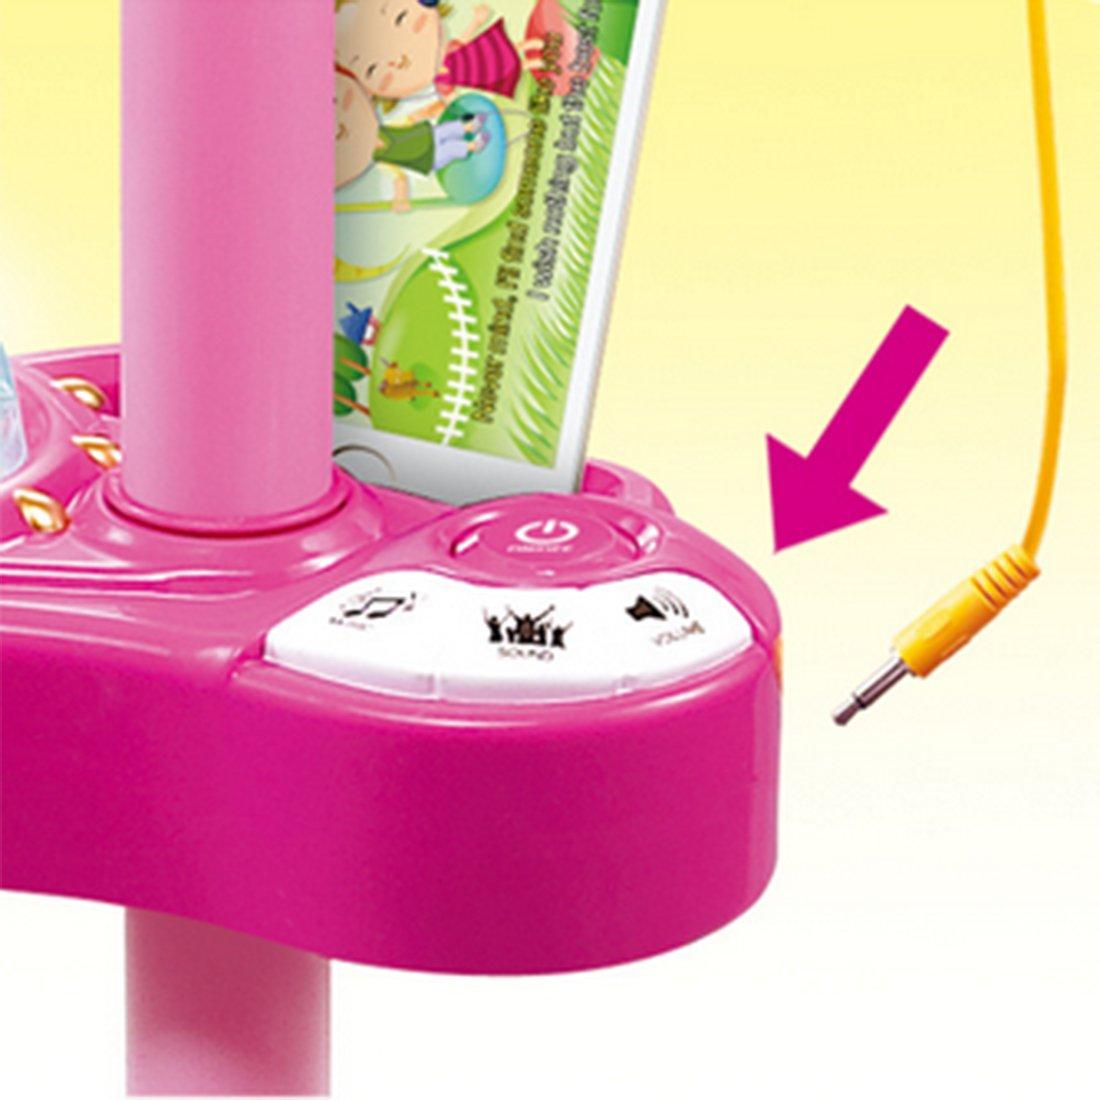 Polai Mikrofon Kinder mit St/änder Kinder Karaokemaschinen